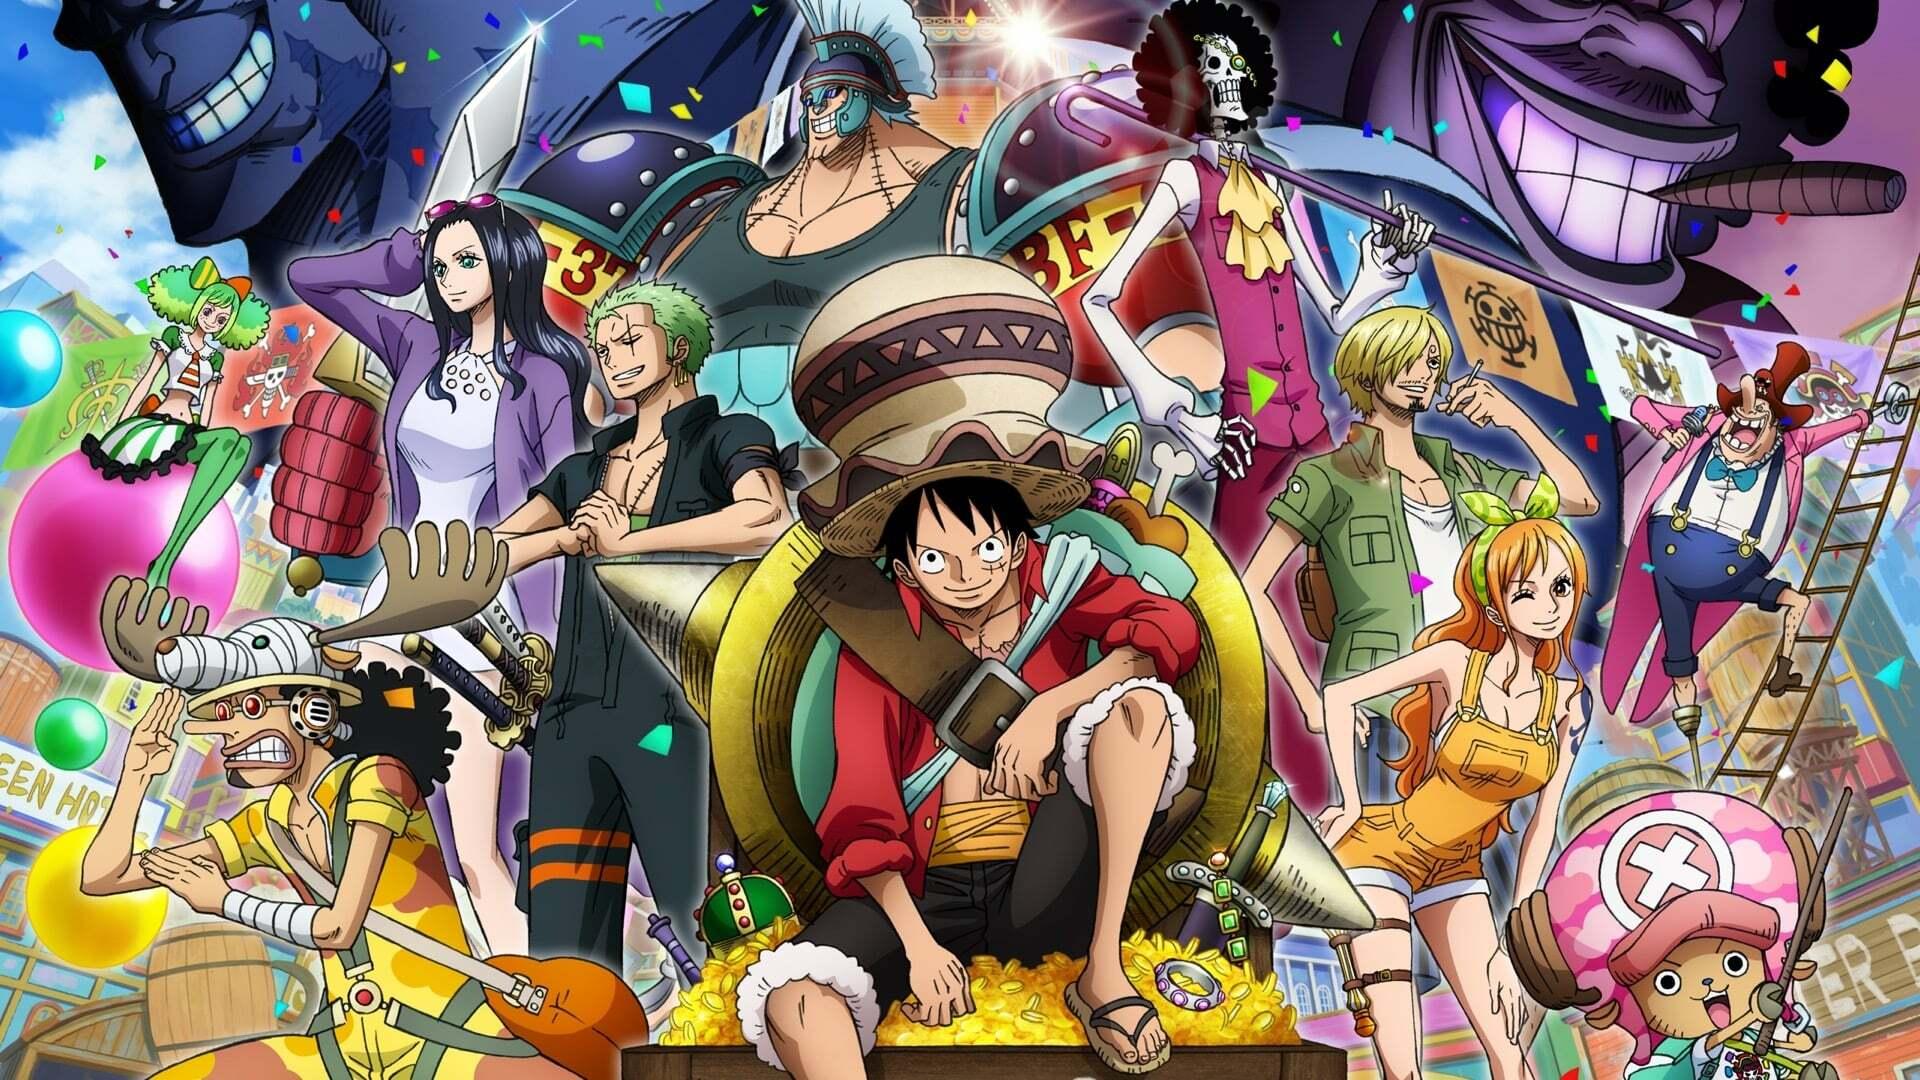 One-Piece Film 14 : Stampede VERSION LIGHT News background